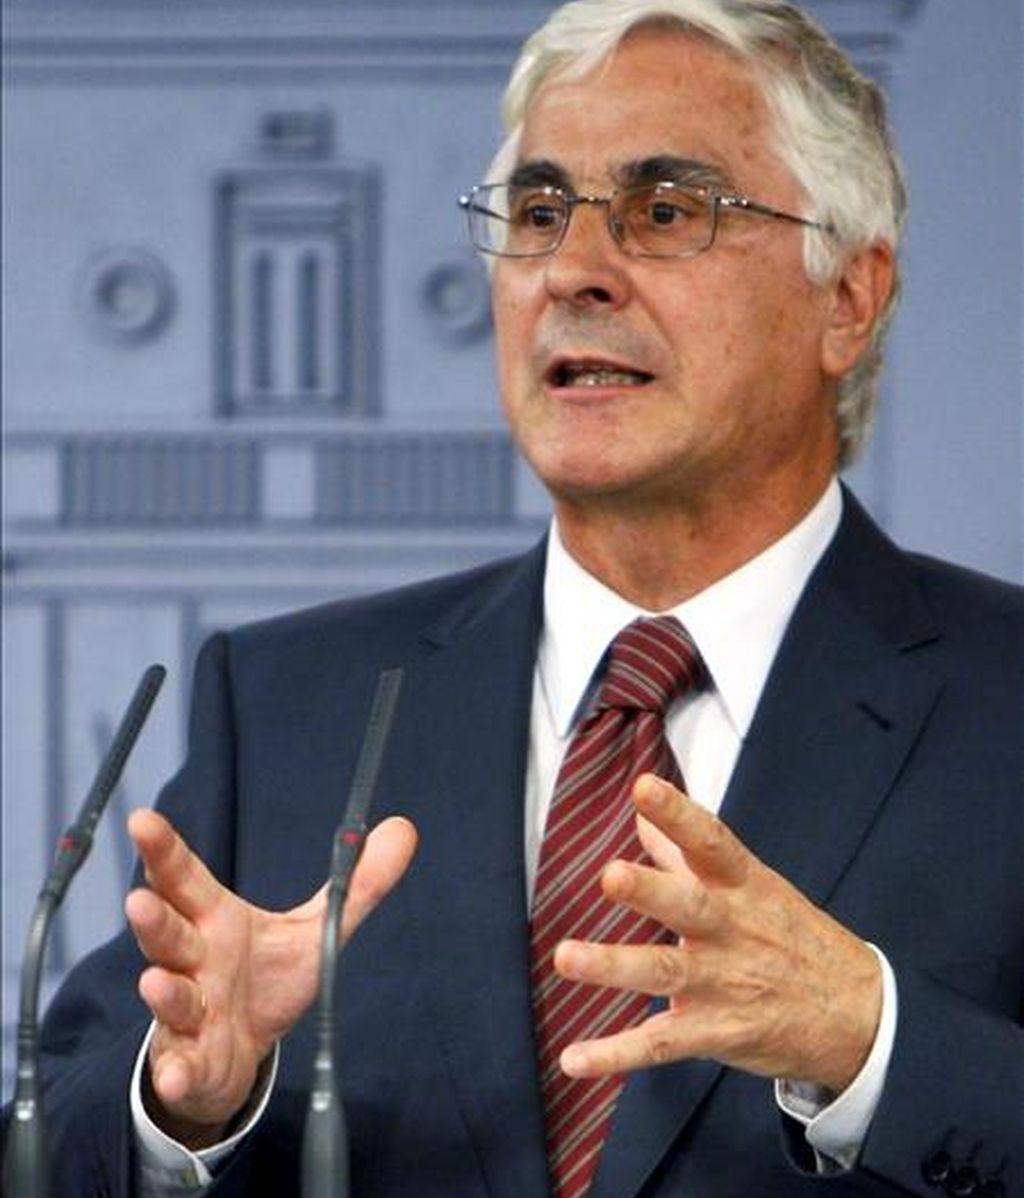 El presidente de Castilla-La Mancha, José María Barreda, durante la rueda de prensa ofrecida en el palacio de la Moncloa, en Madrid. EFE